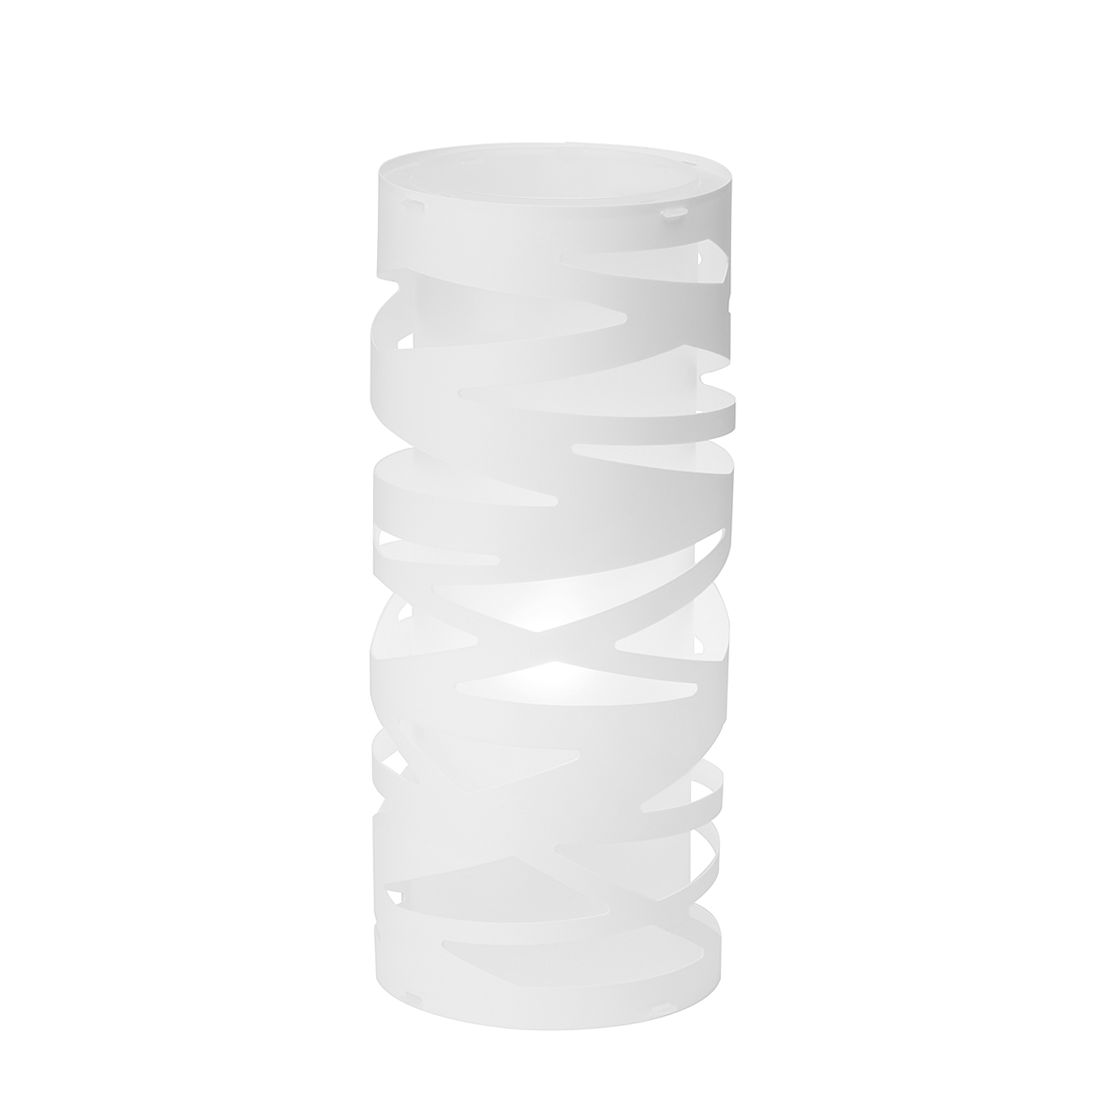 Tischleuchte Fina ● Kunststoff ● Weiß ● 1-flammig- Brilliant A++